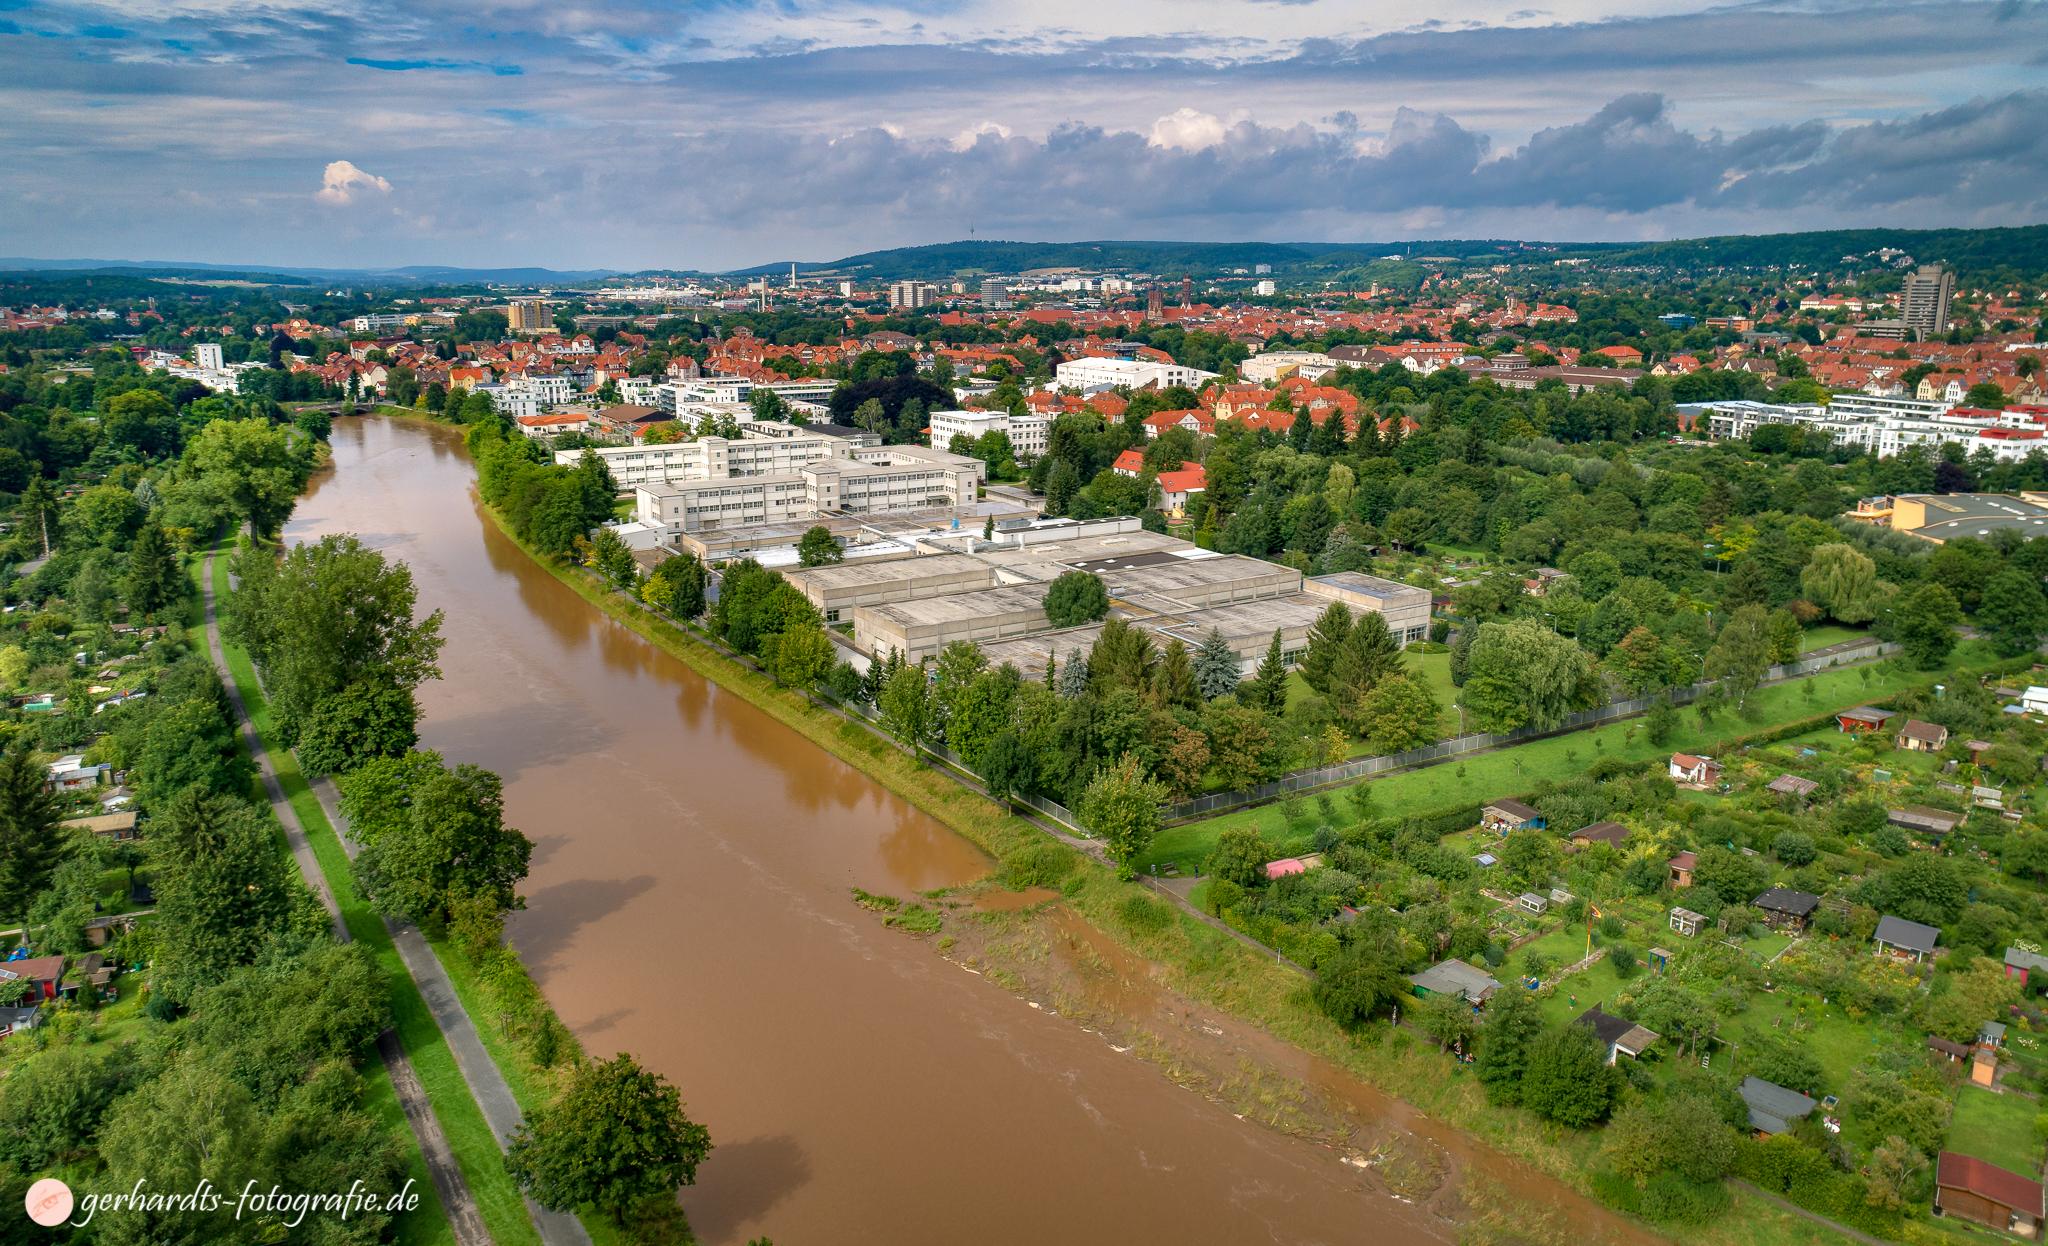 Luftbild Hochwasser 2017 Göttingen Niedersachsen